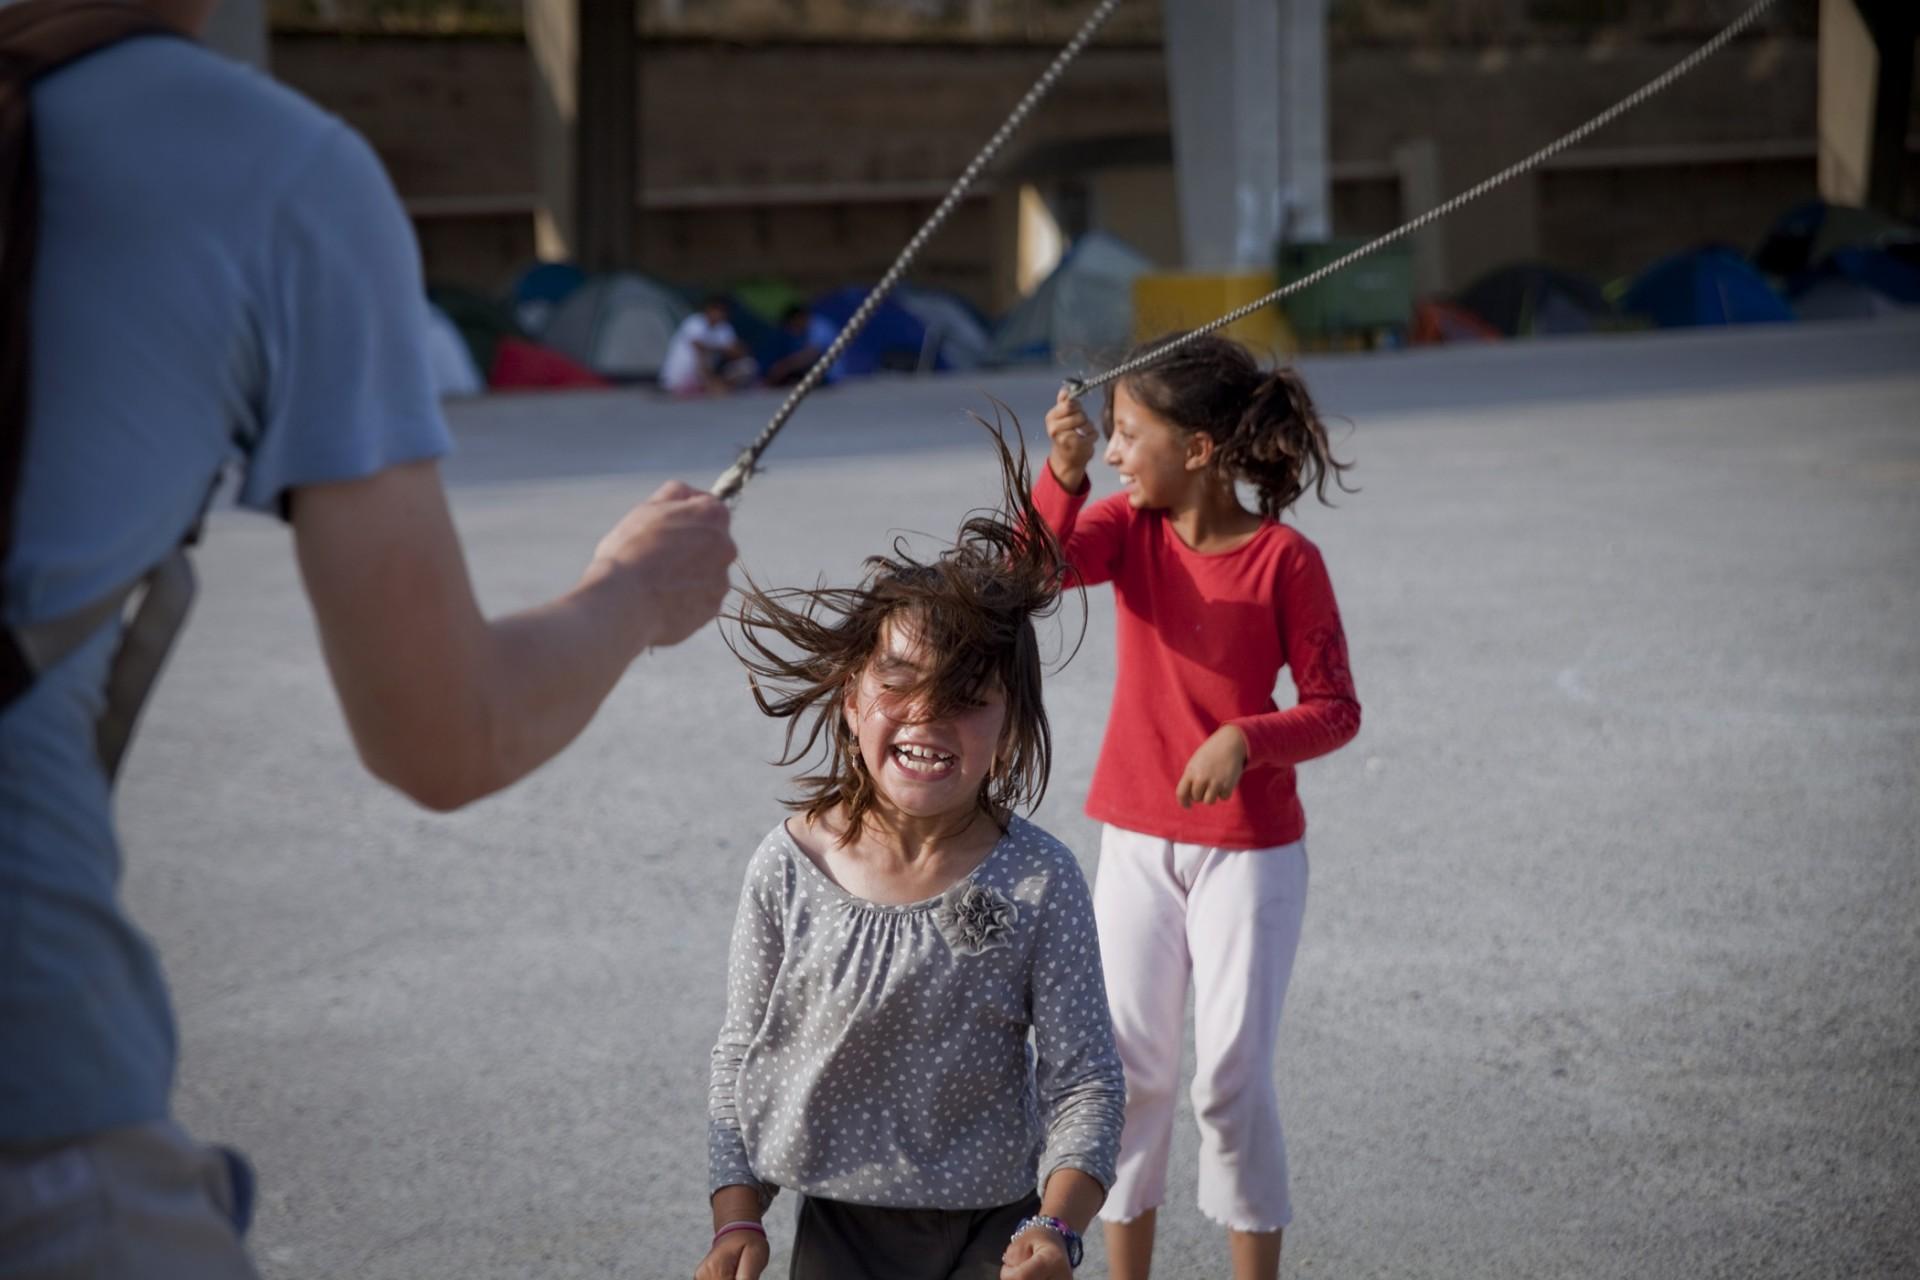 Les bénévoles, outre la distribution des repas, passent du temps à jouer avec les enfants, qui apportent beaucoup de joie, malgré la situation difficile dans laquelle ils se trouvent.